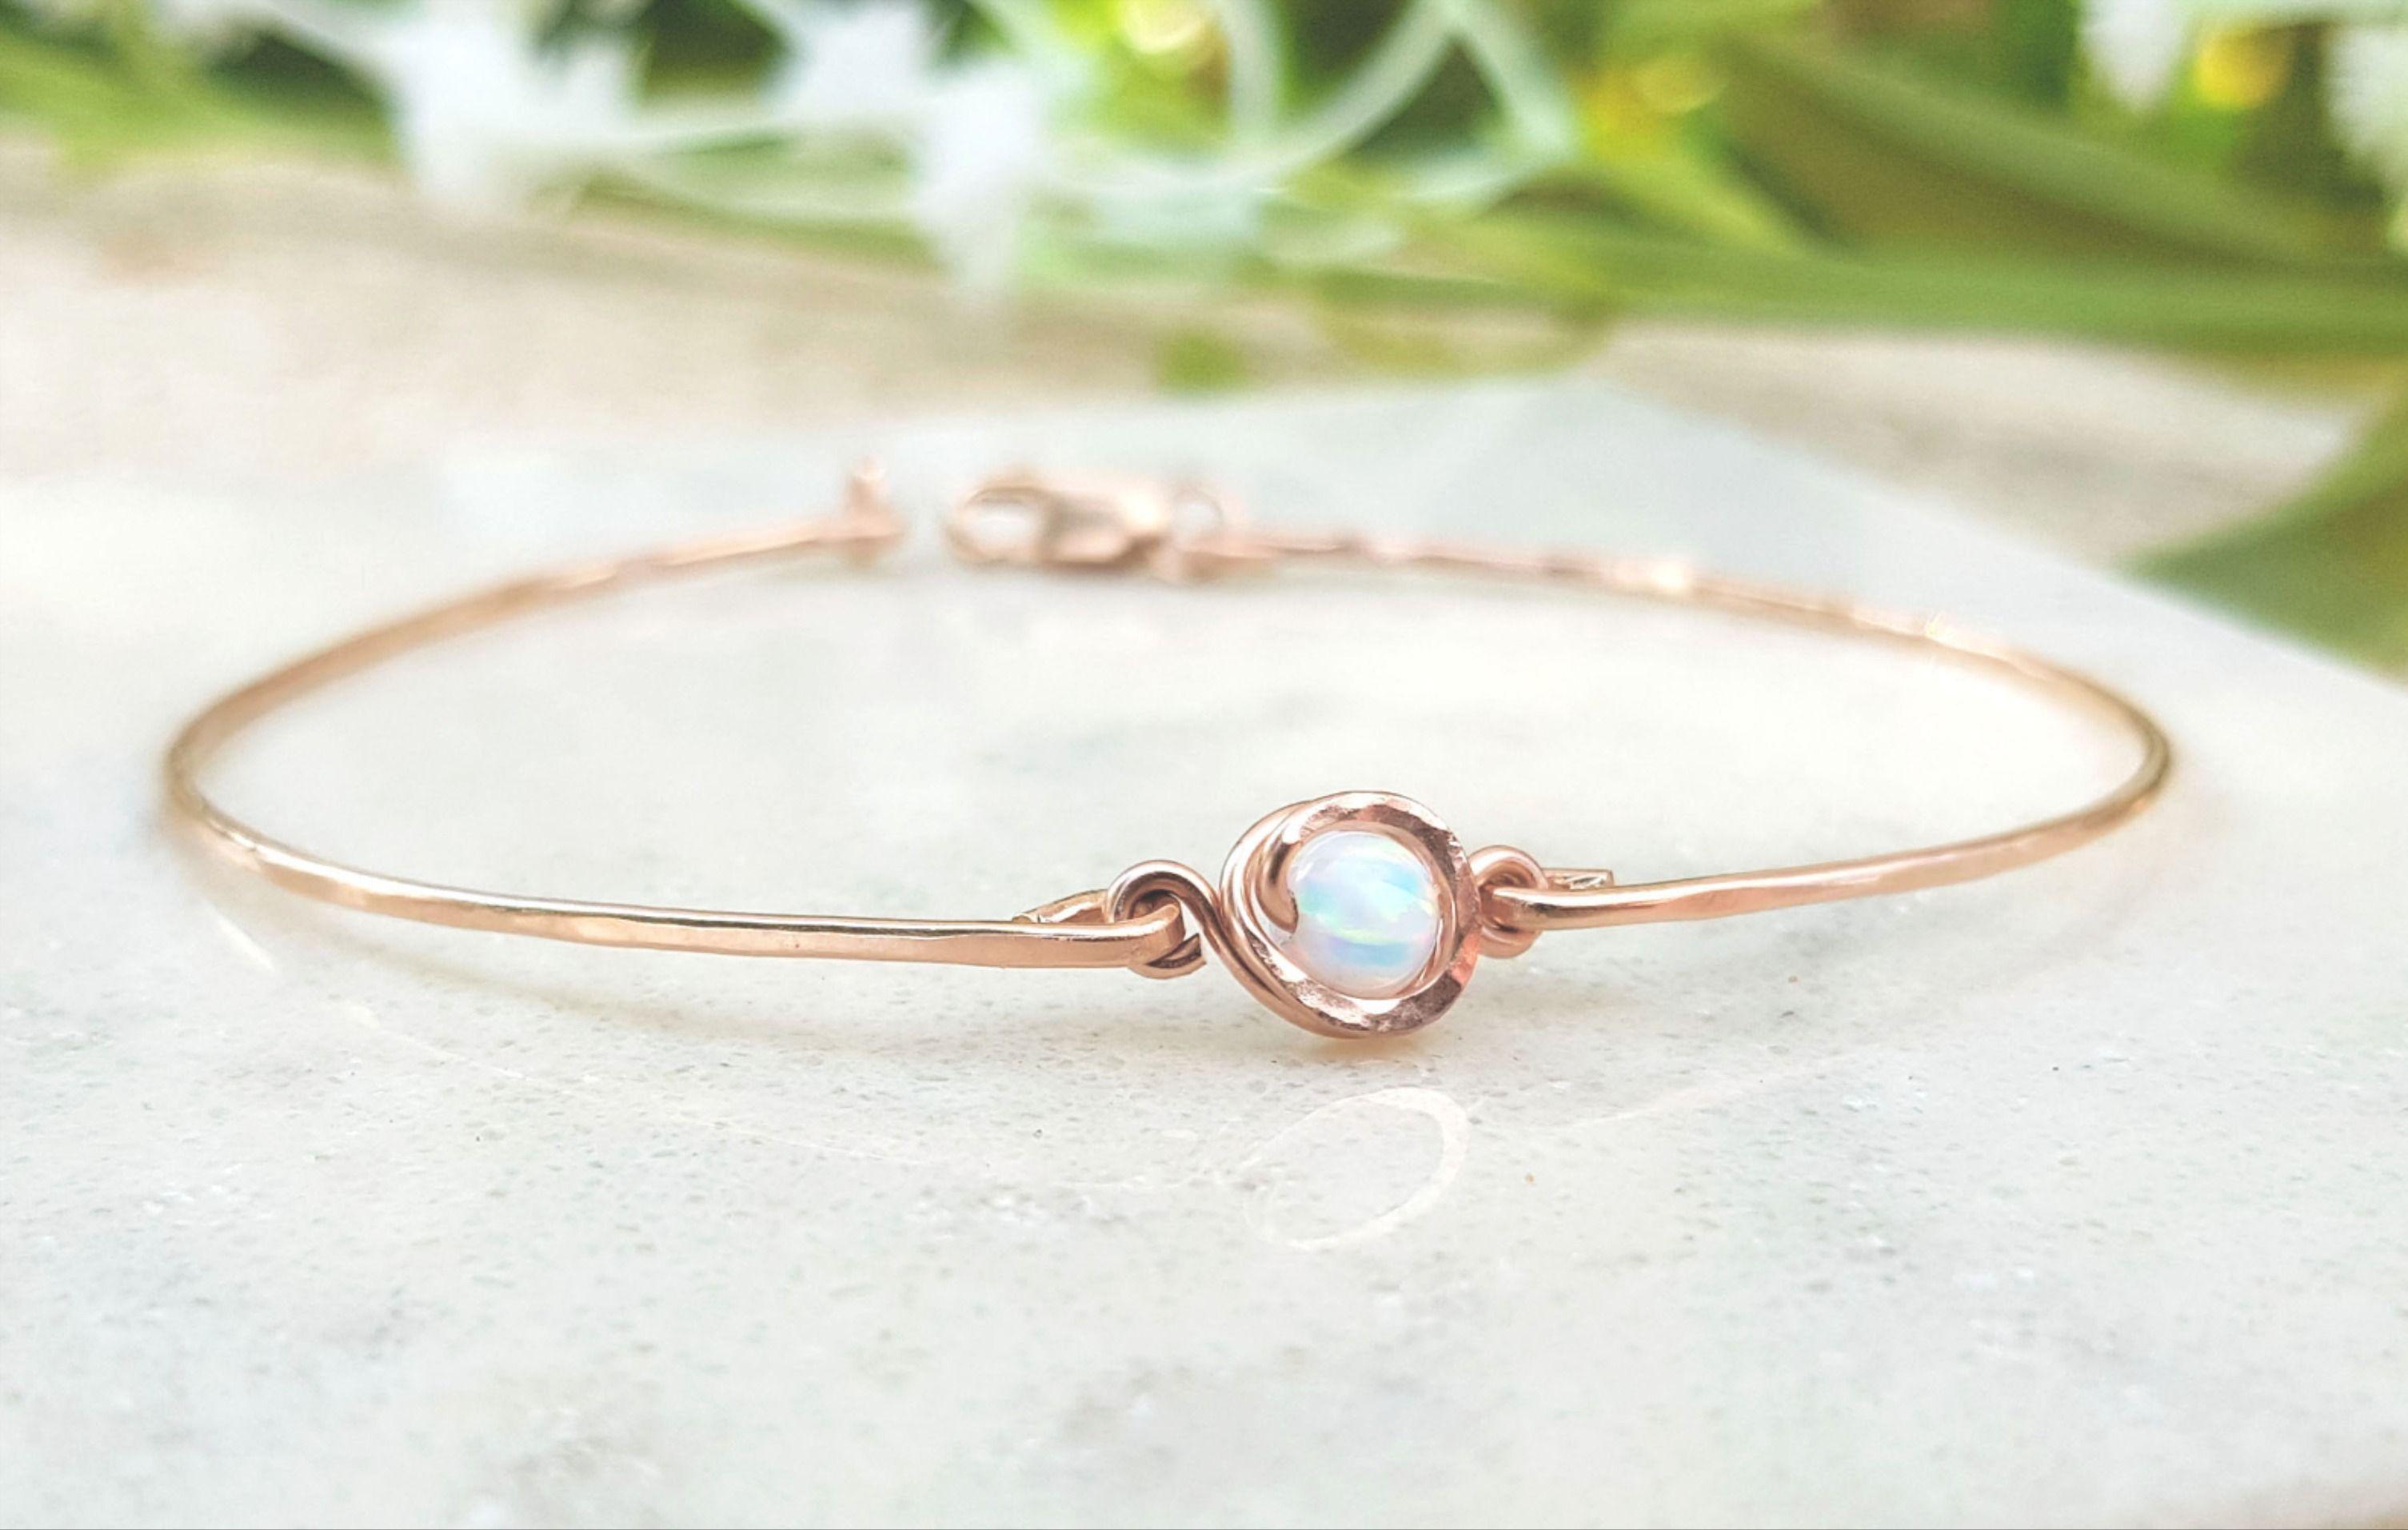 Wire Wrapped Bracelet,Gift For Women,White Opal Bracelet,White Gemstone Bracelet,14k Rose Gold Filled Bracelet,Delicate Bracelet,Tiny Stone